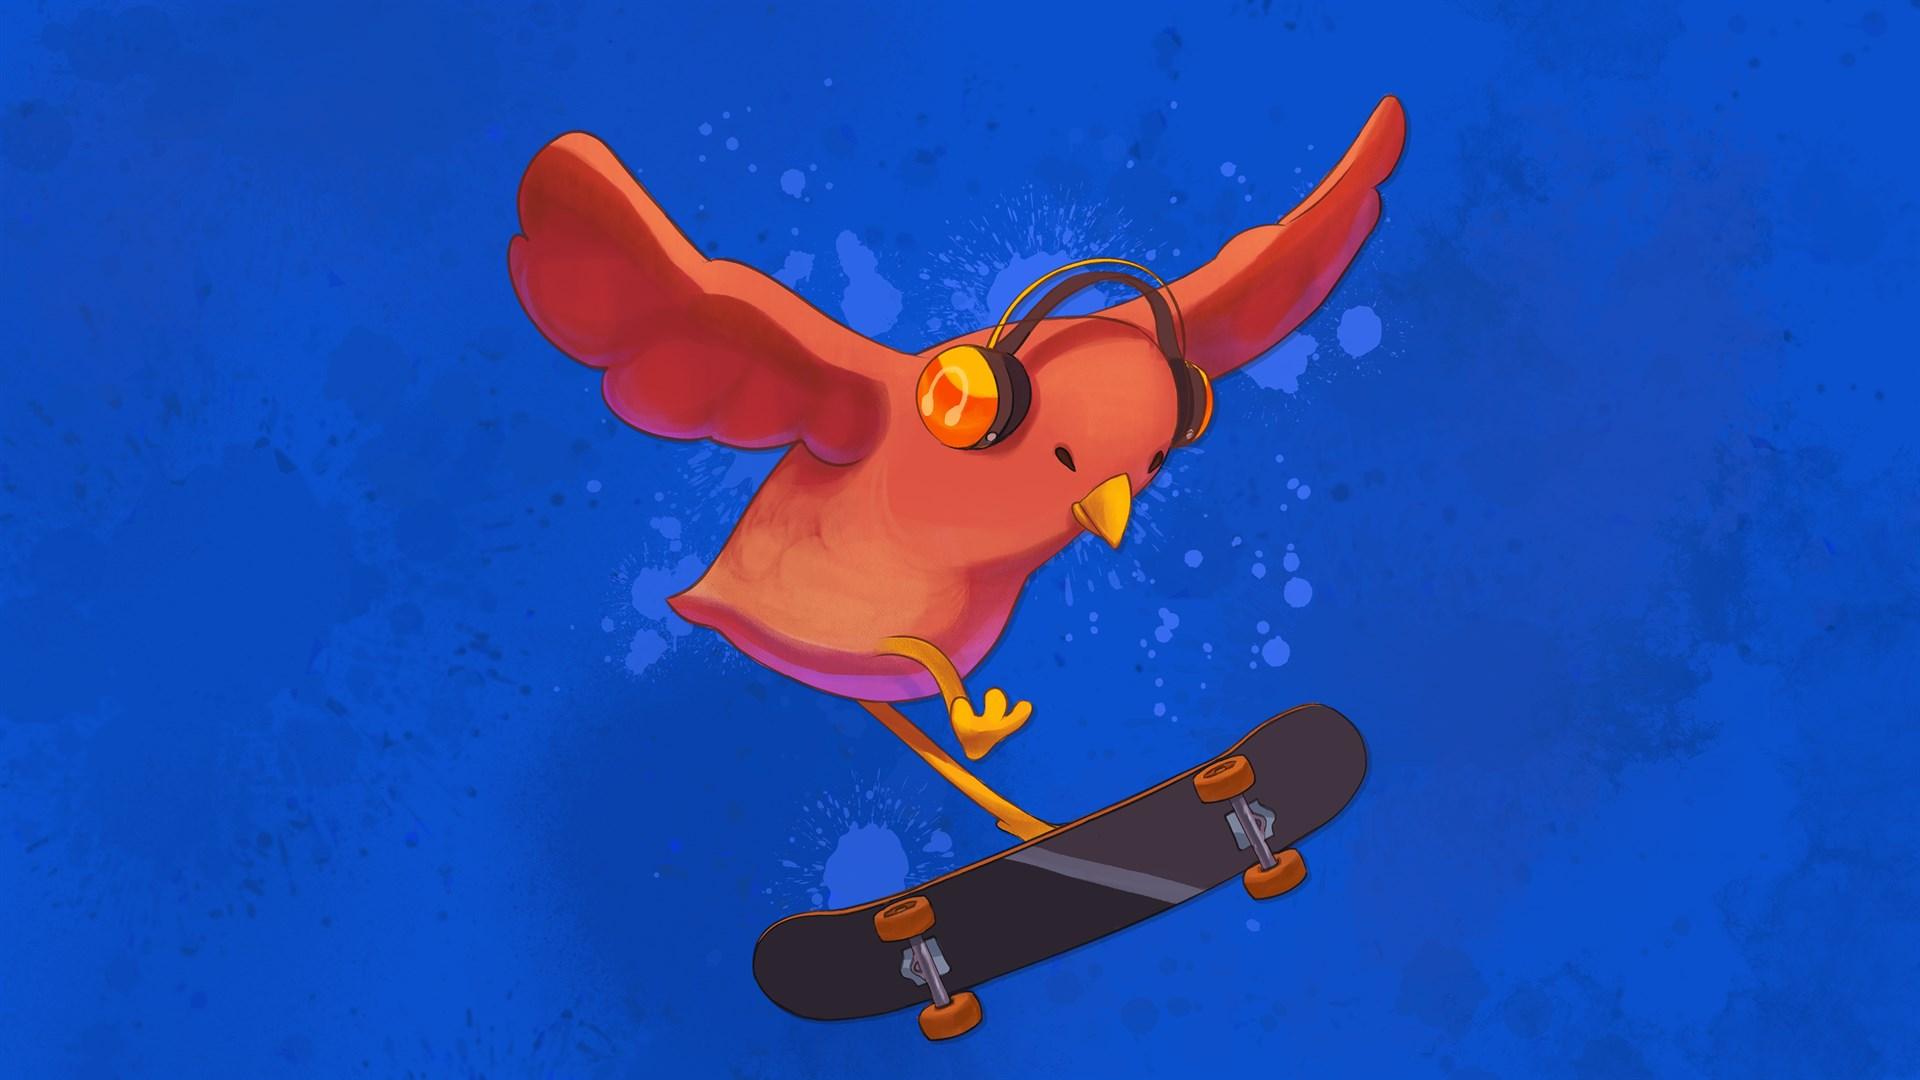 Find the best laptops for SkateBIRD